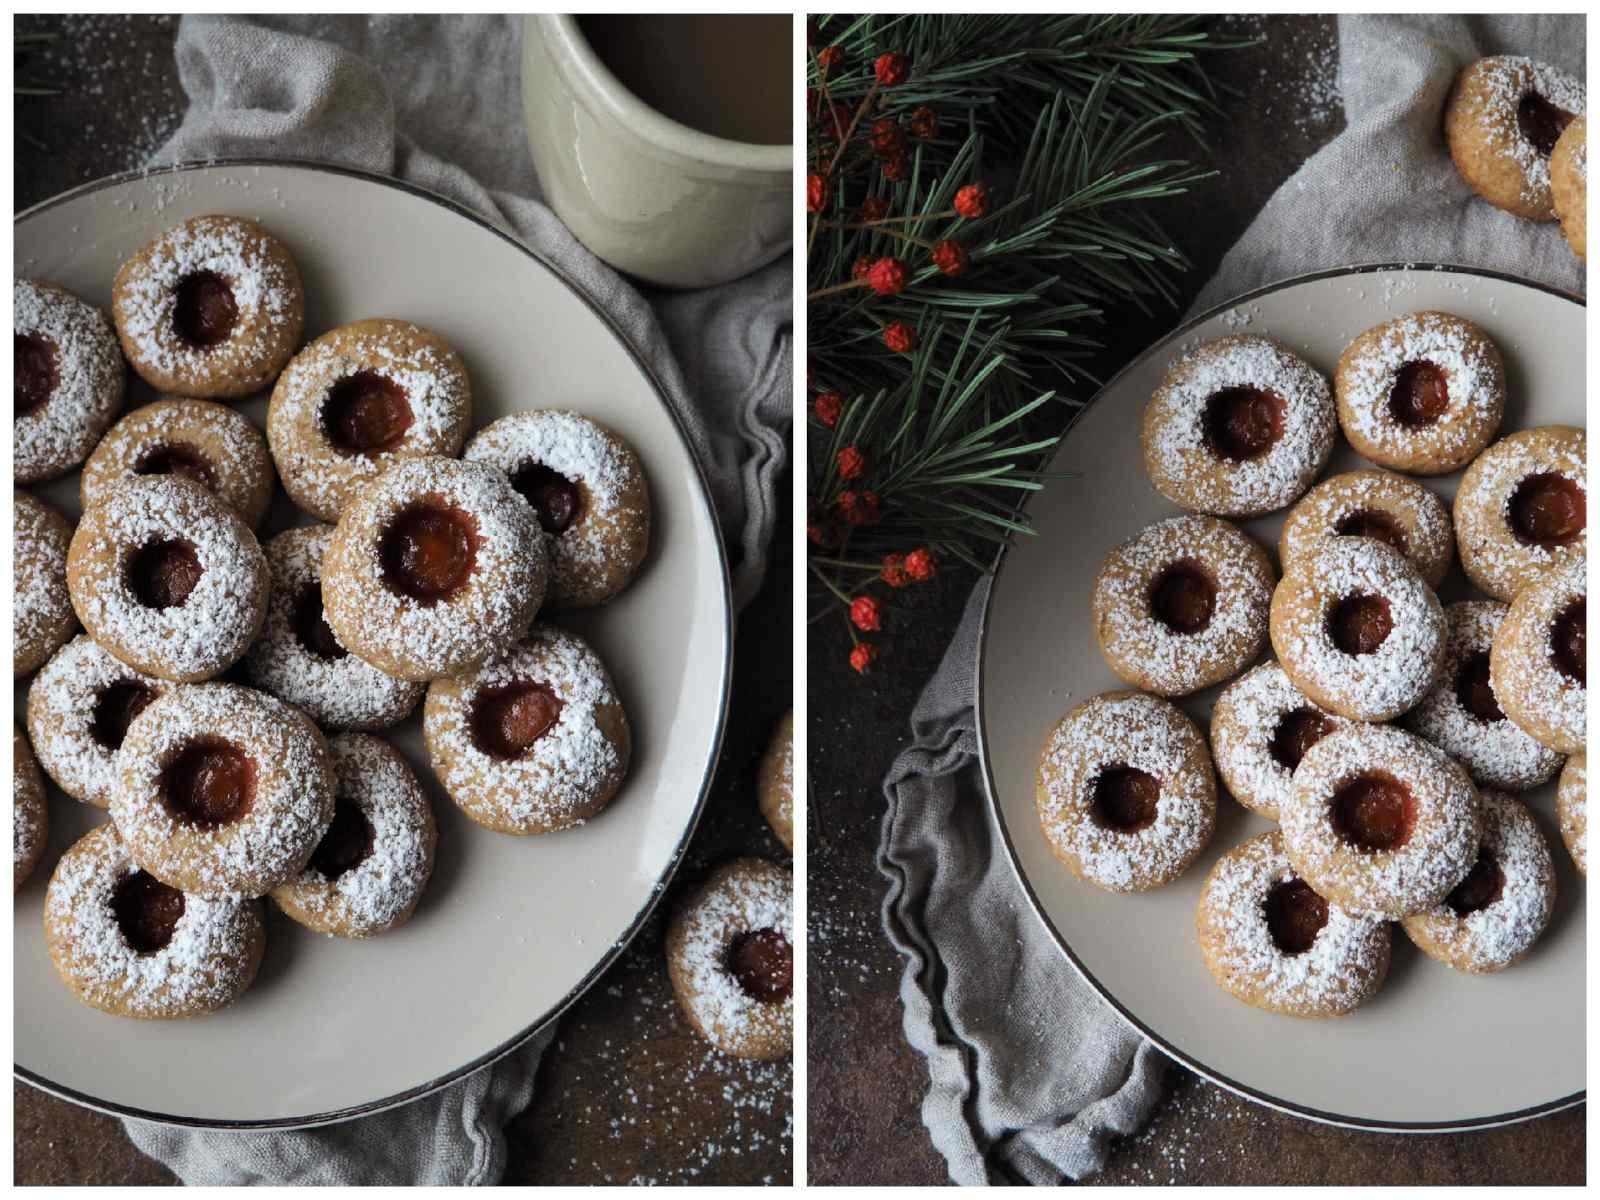 Vegane Engelsaugen - Schnelle und einfache Plätzchen: Mürbeteig gefüllt mit Konfitüre auf Teller